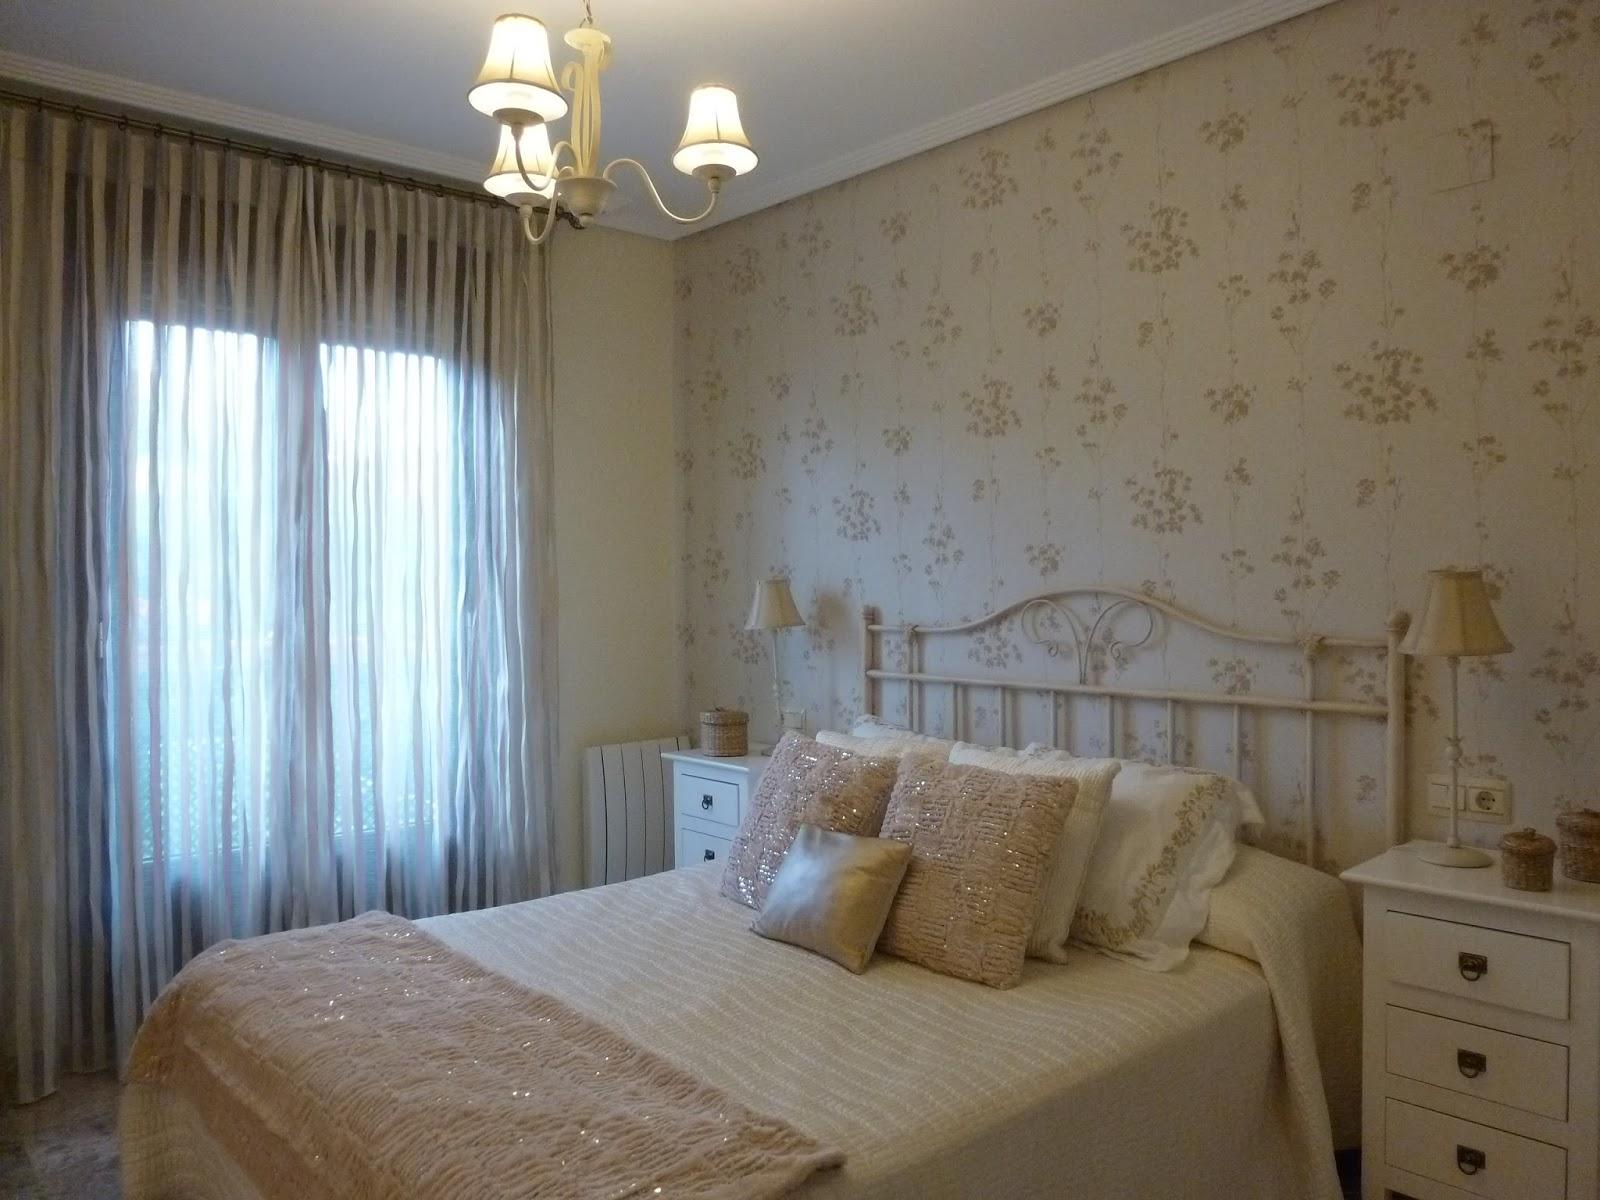 Tela papel y pintura dormitorios de verdad - Murales pintados en la pared ...